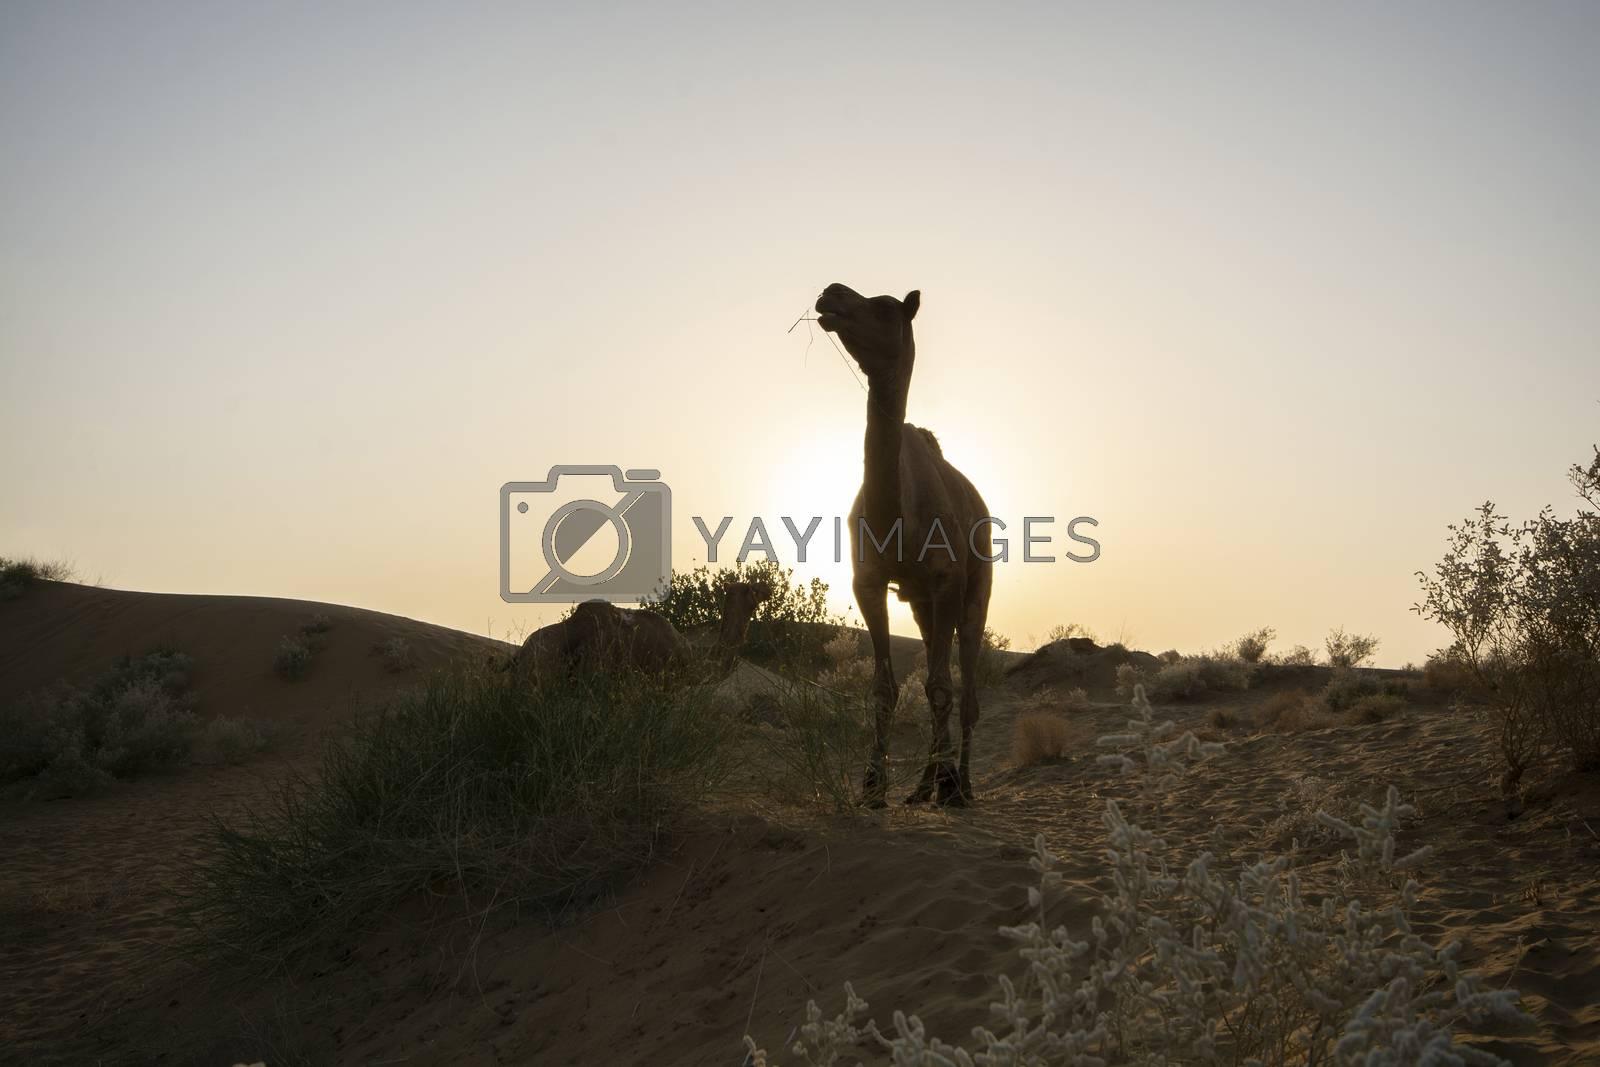 Camels in desert at twilight, Thar Desert in Jaisalmer, Rajasthan State, India